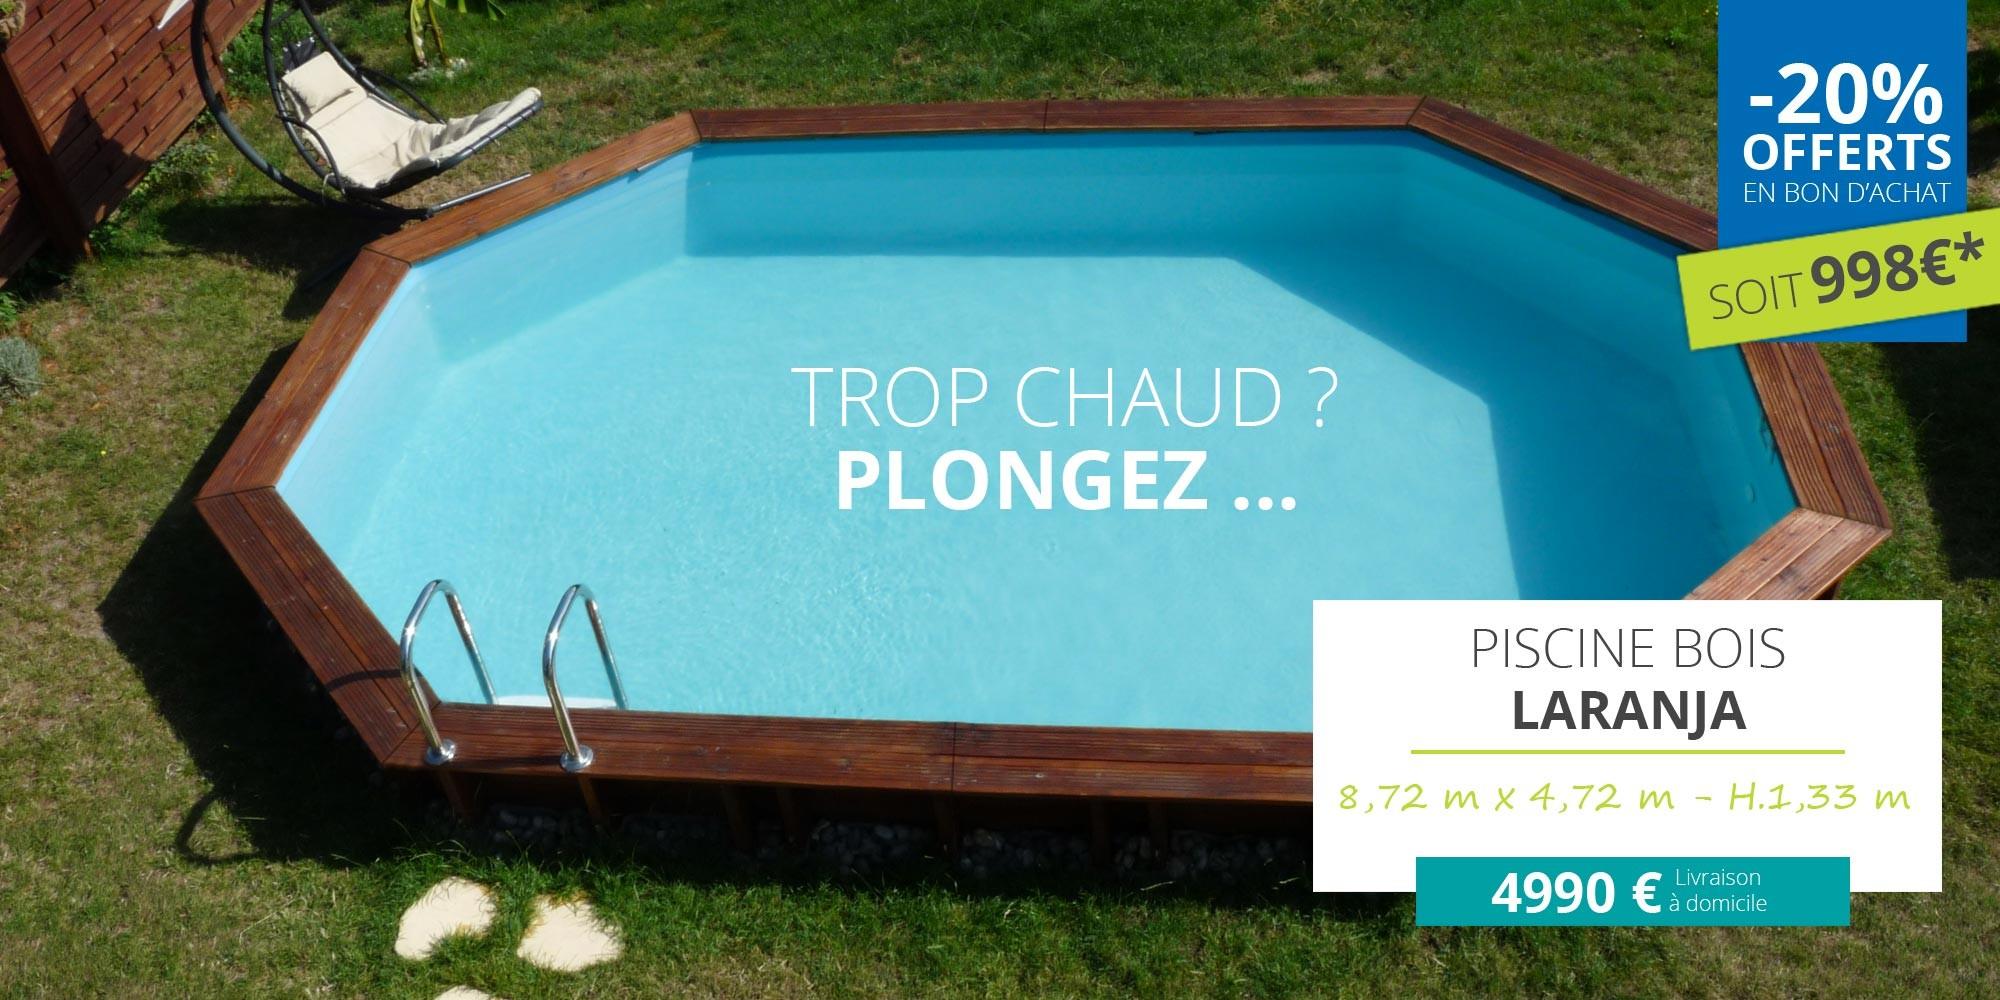 20% offerts en bon d'achat pour l'achat d'une piscine bois Laranja